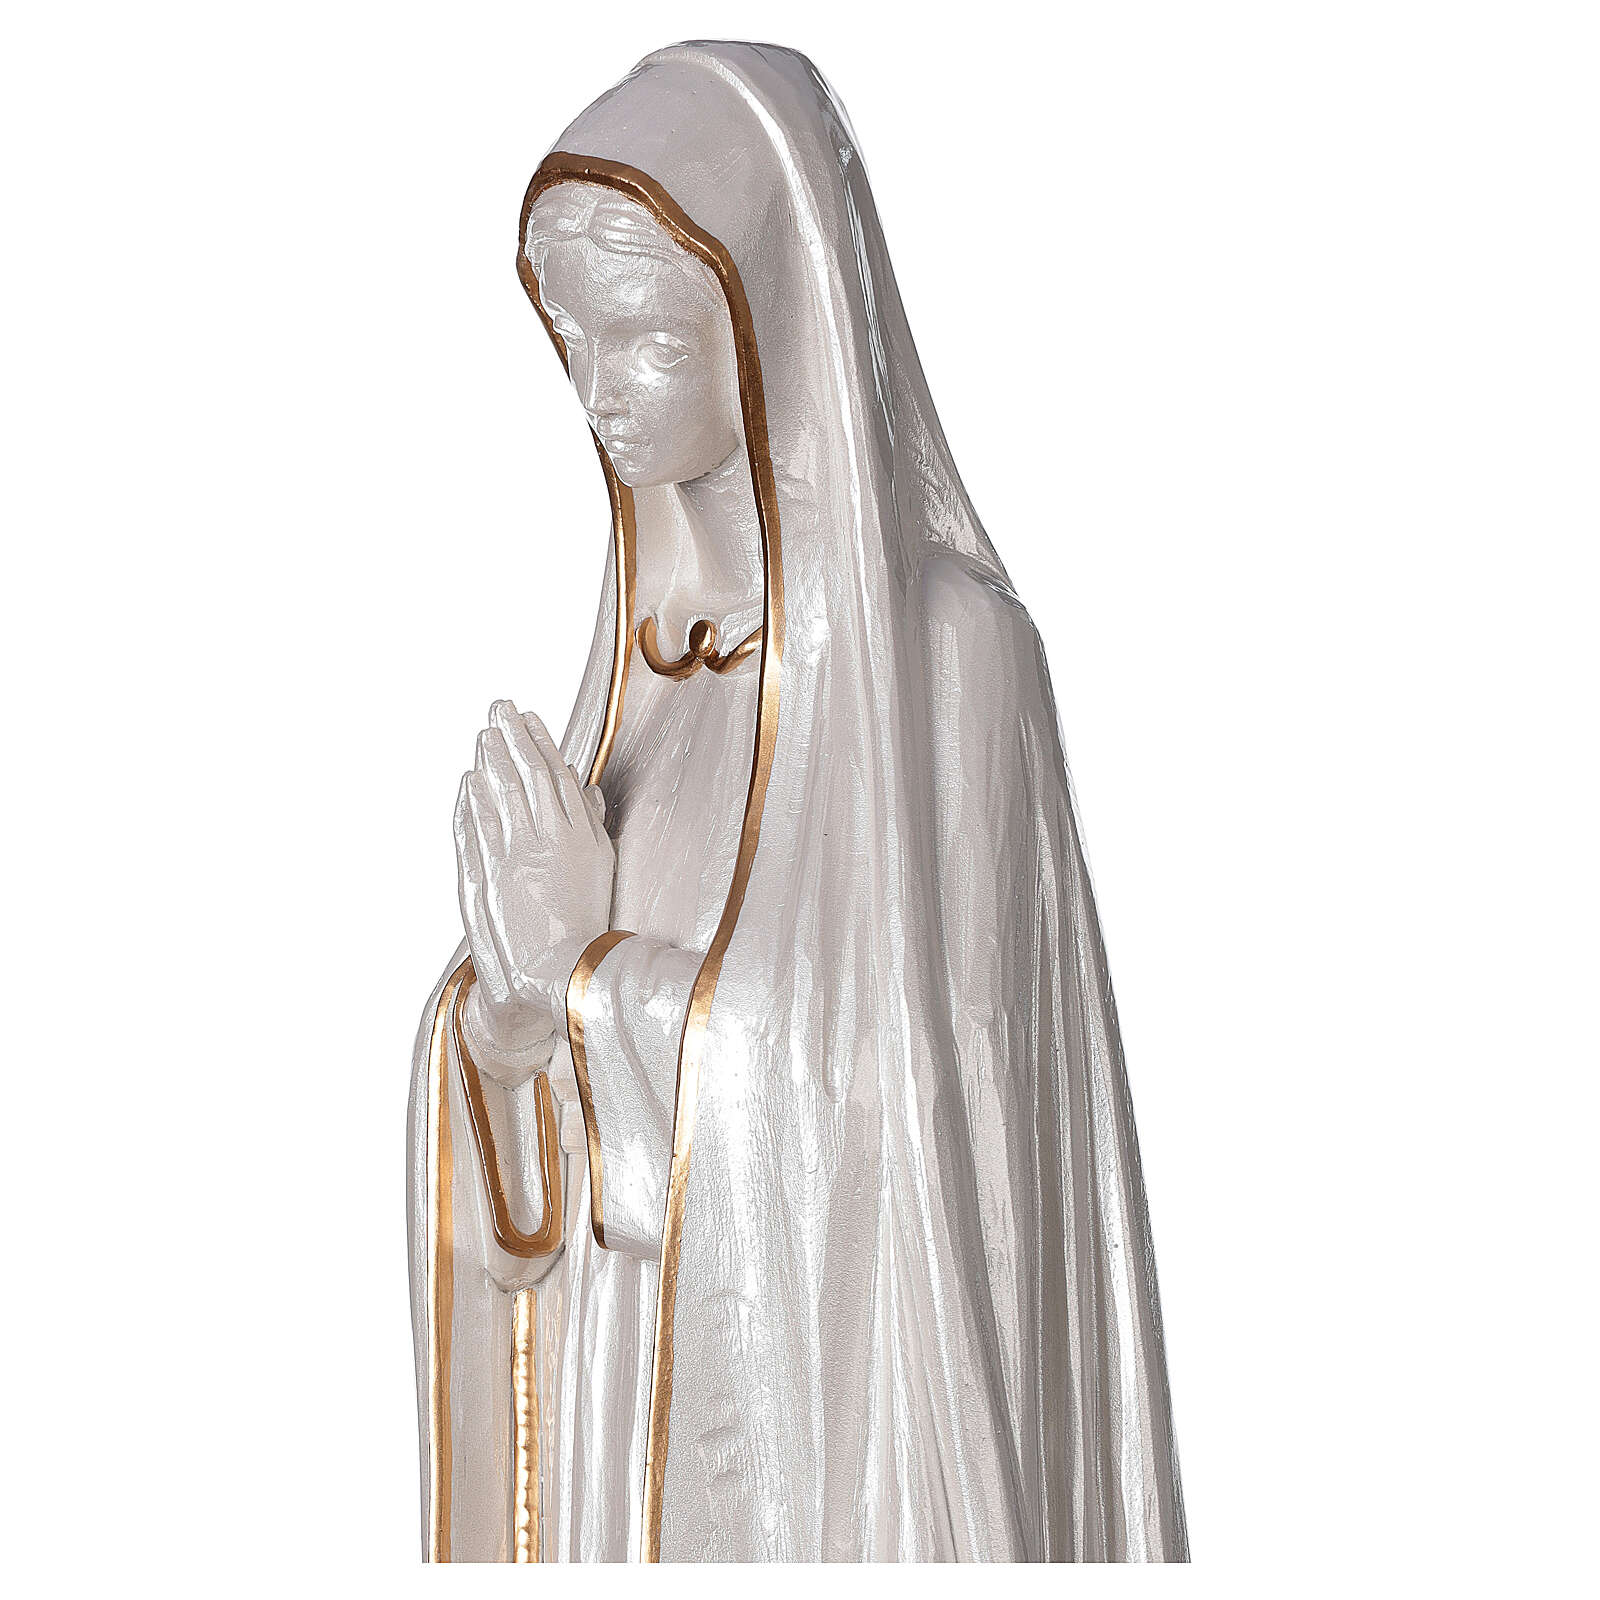 Statue Notre-Dame de Fatima poudre marbre finition nacrée or 60 cm 4